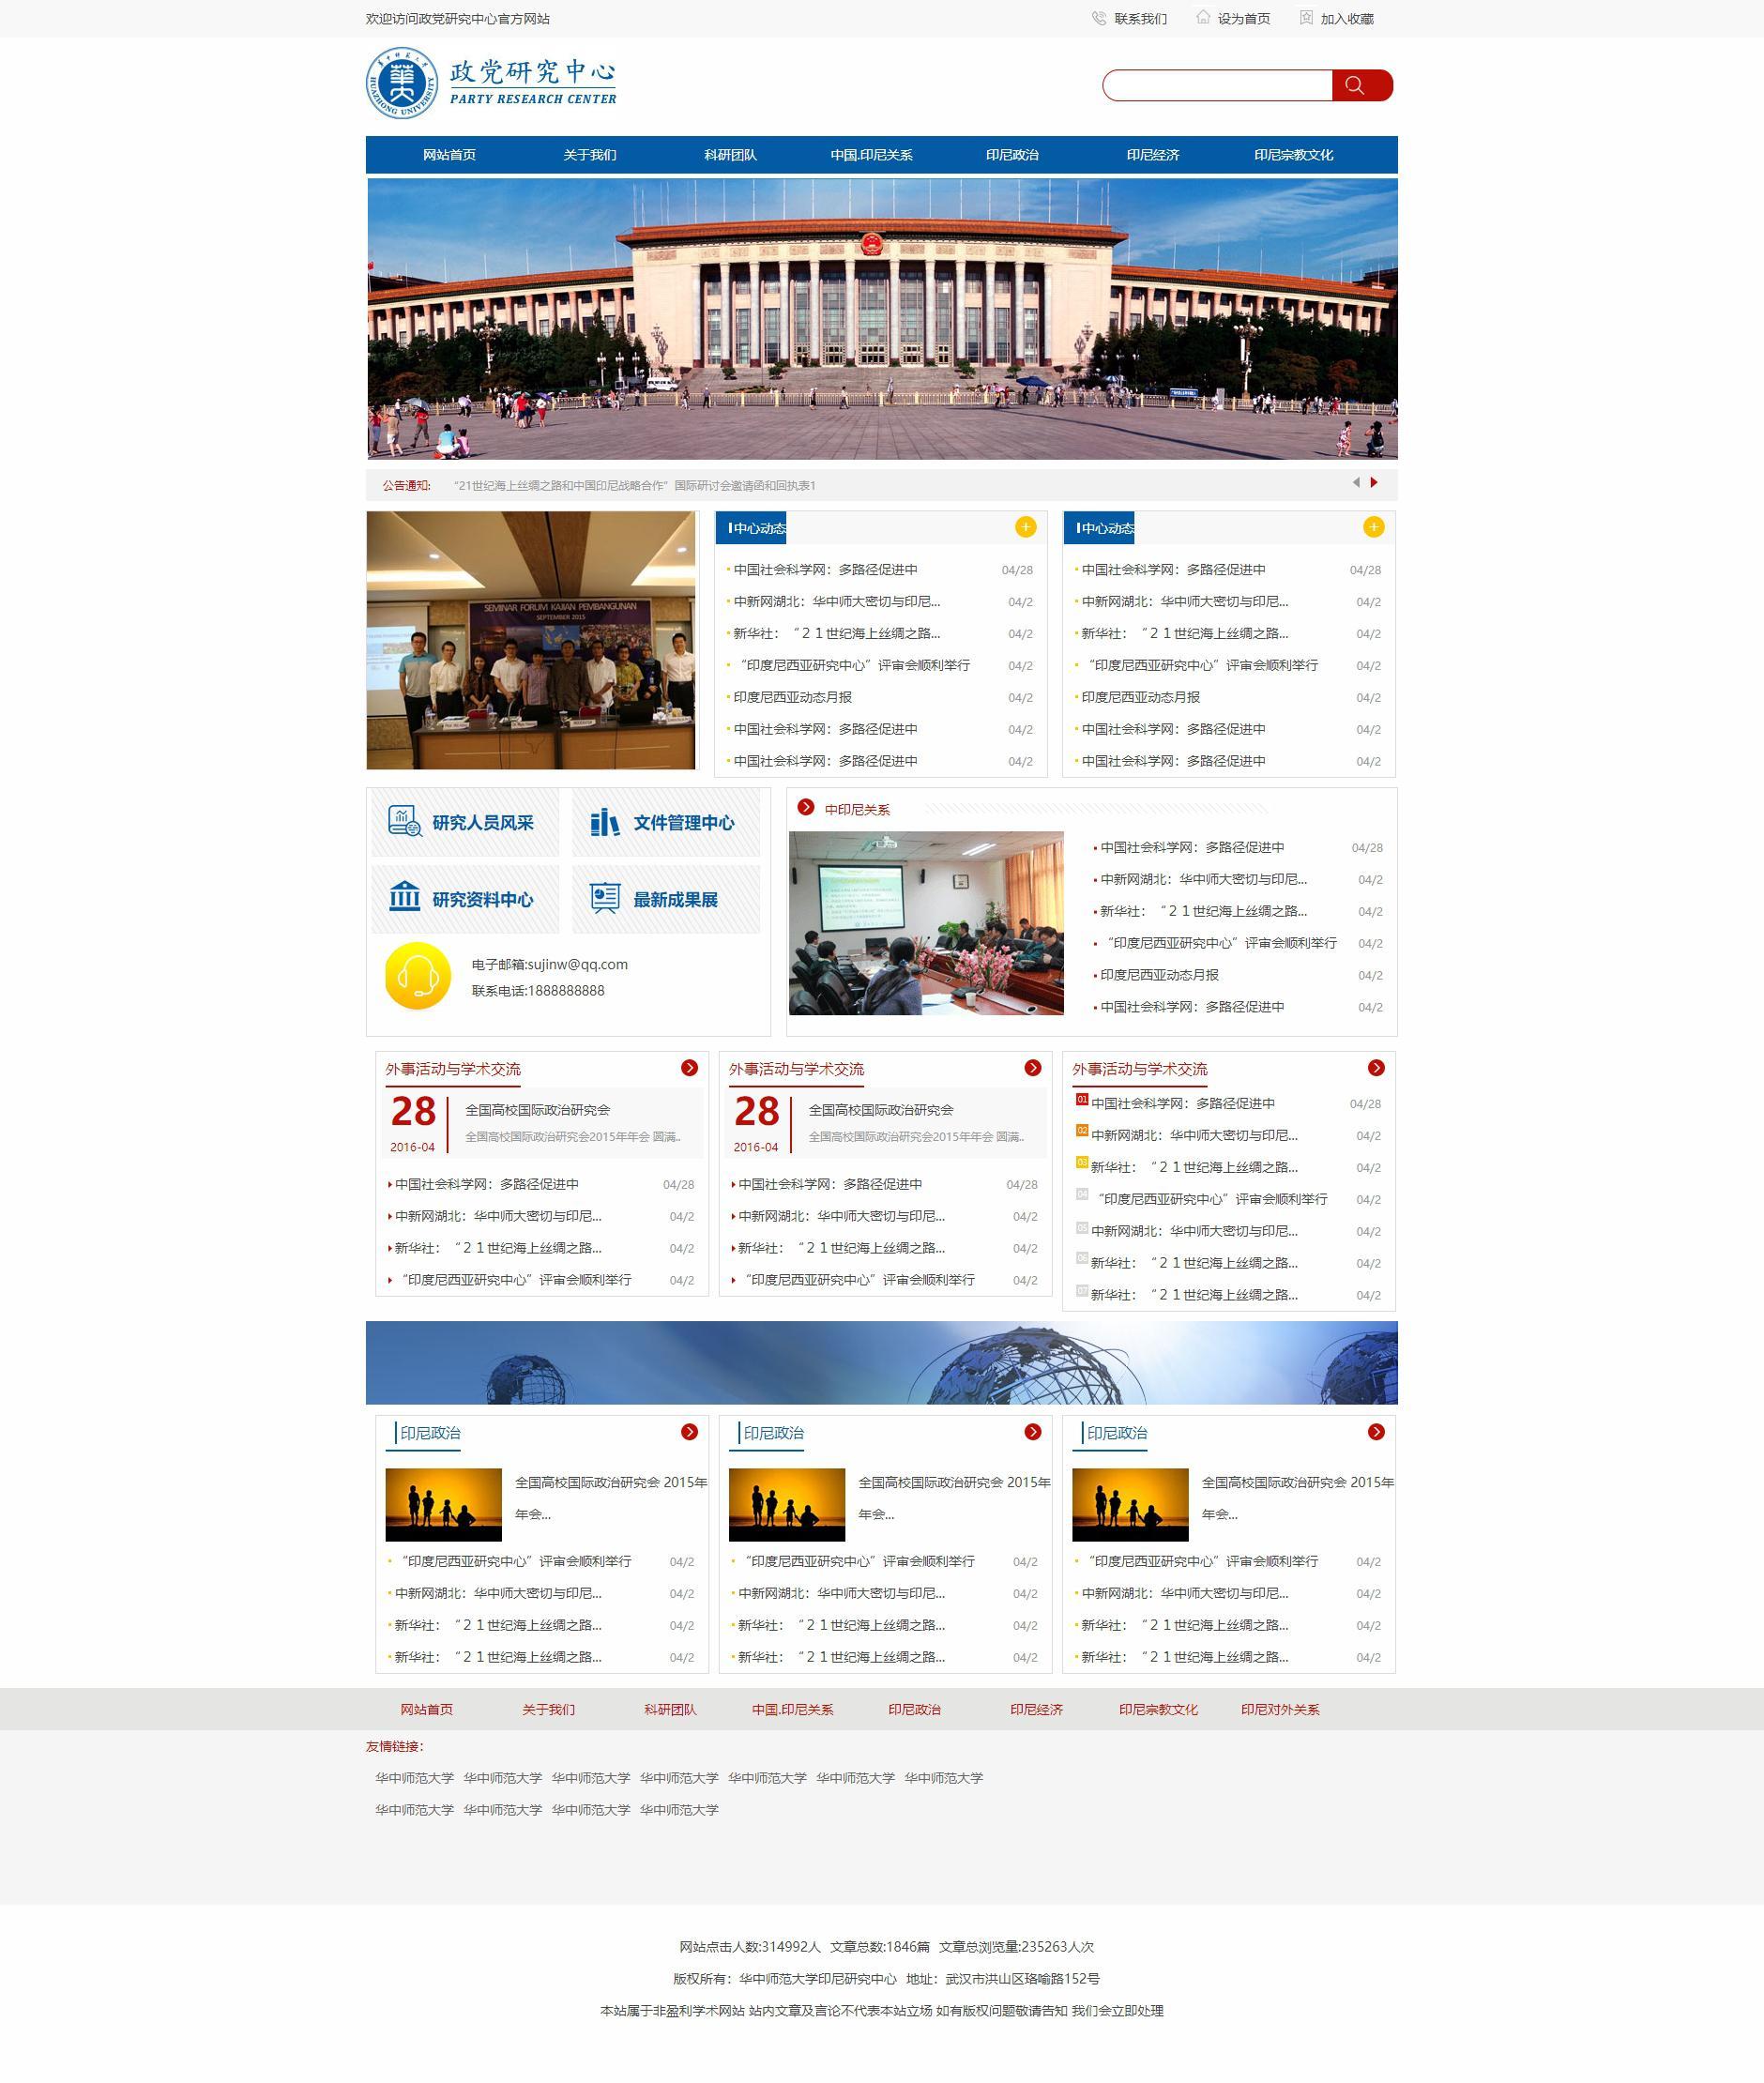 蓝色的华中师范大学学校官方网站首页html模板